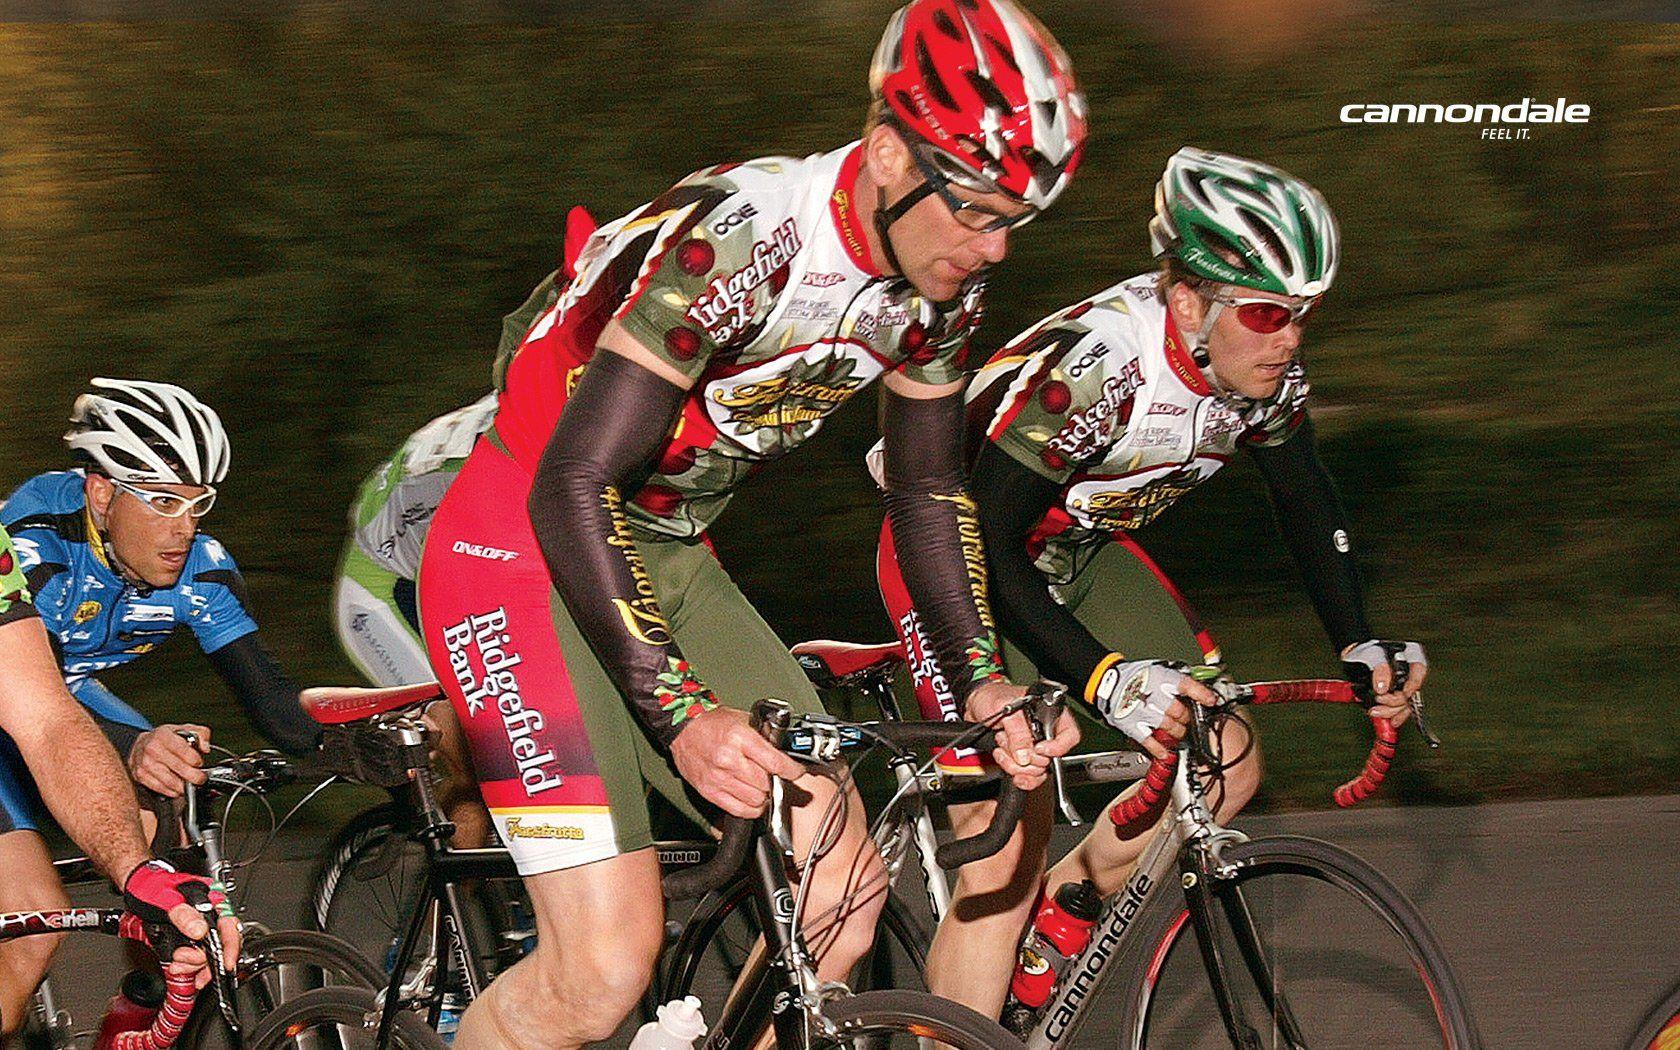 走进环法赛:环法自行车比赛现场图片分享 图7